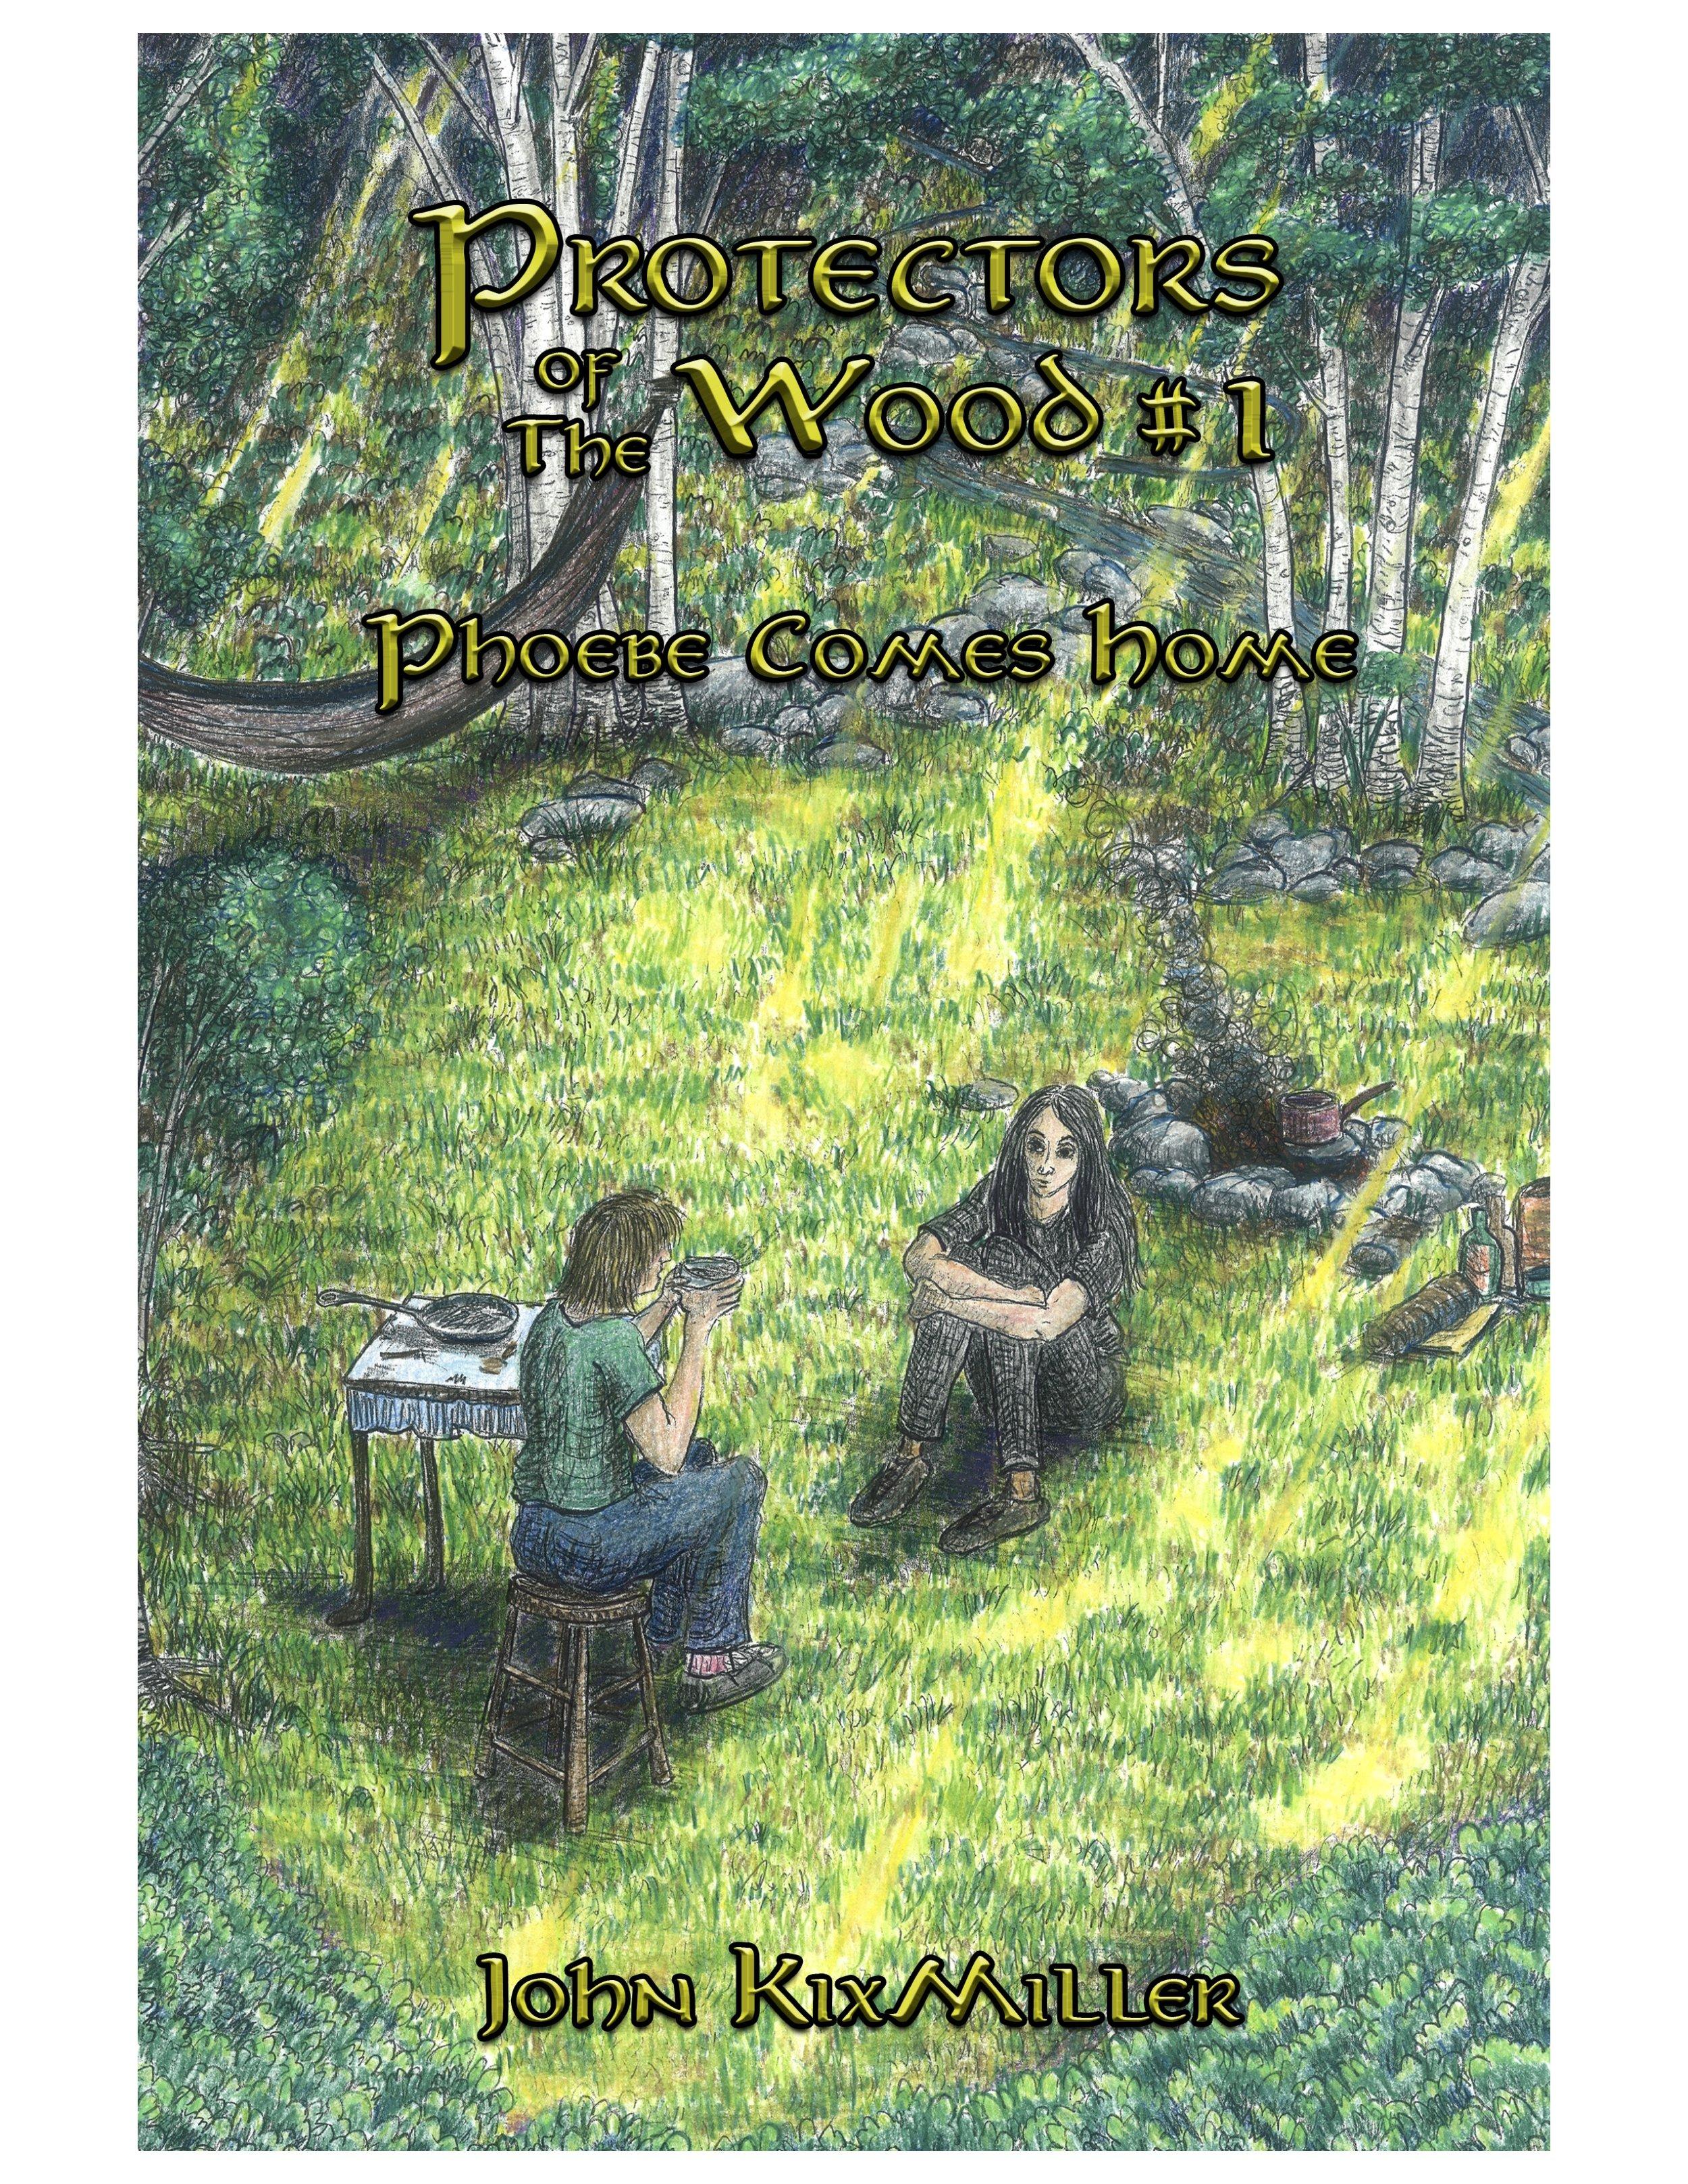 Coverbook1.jpg